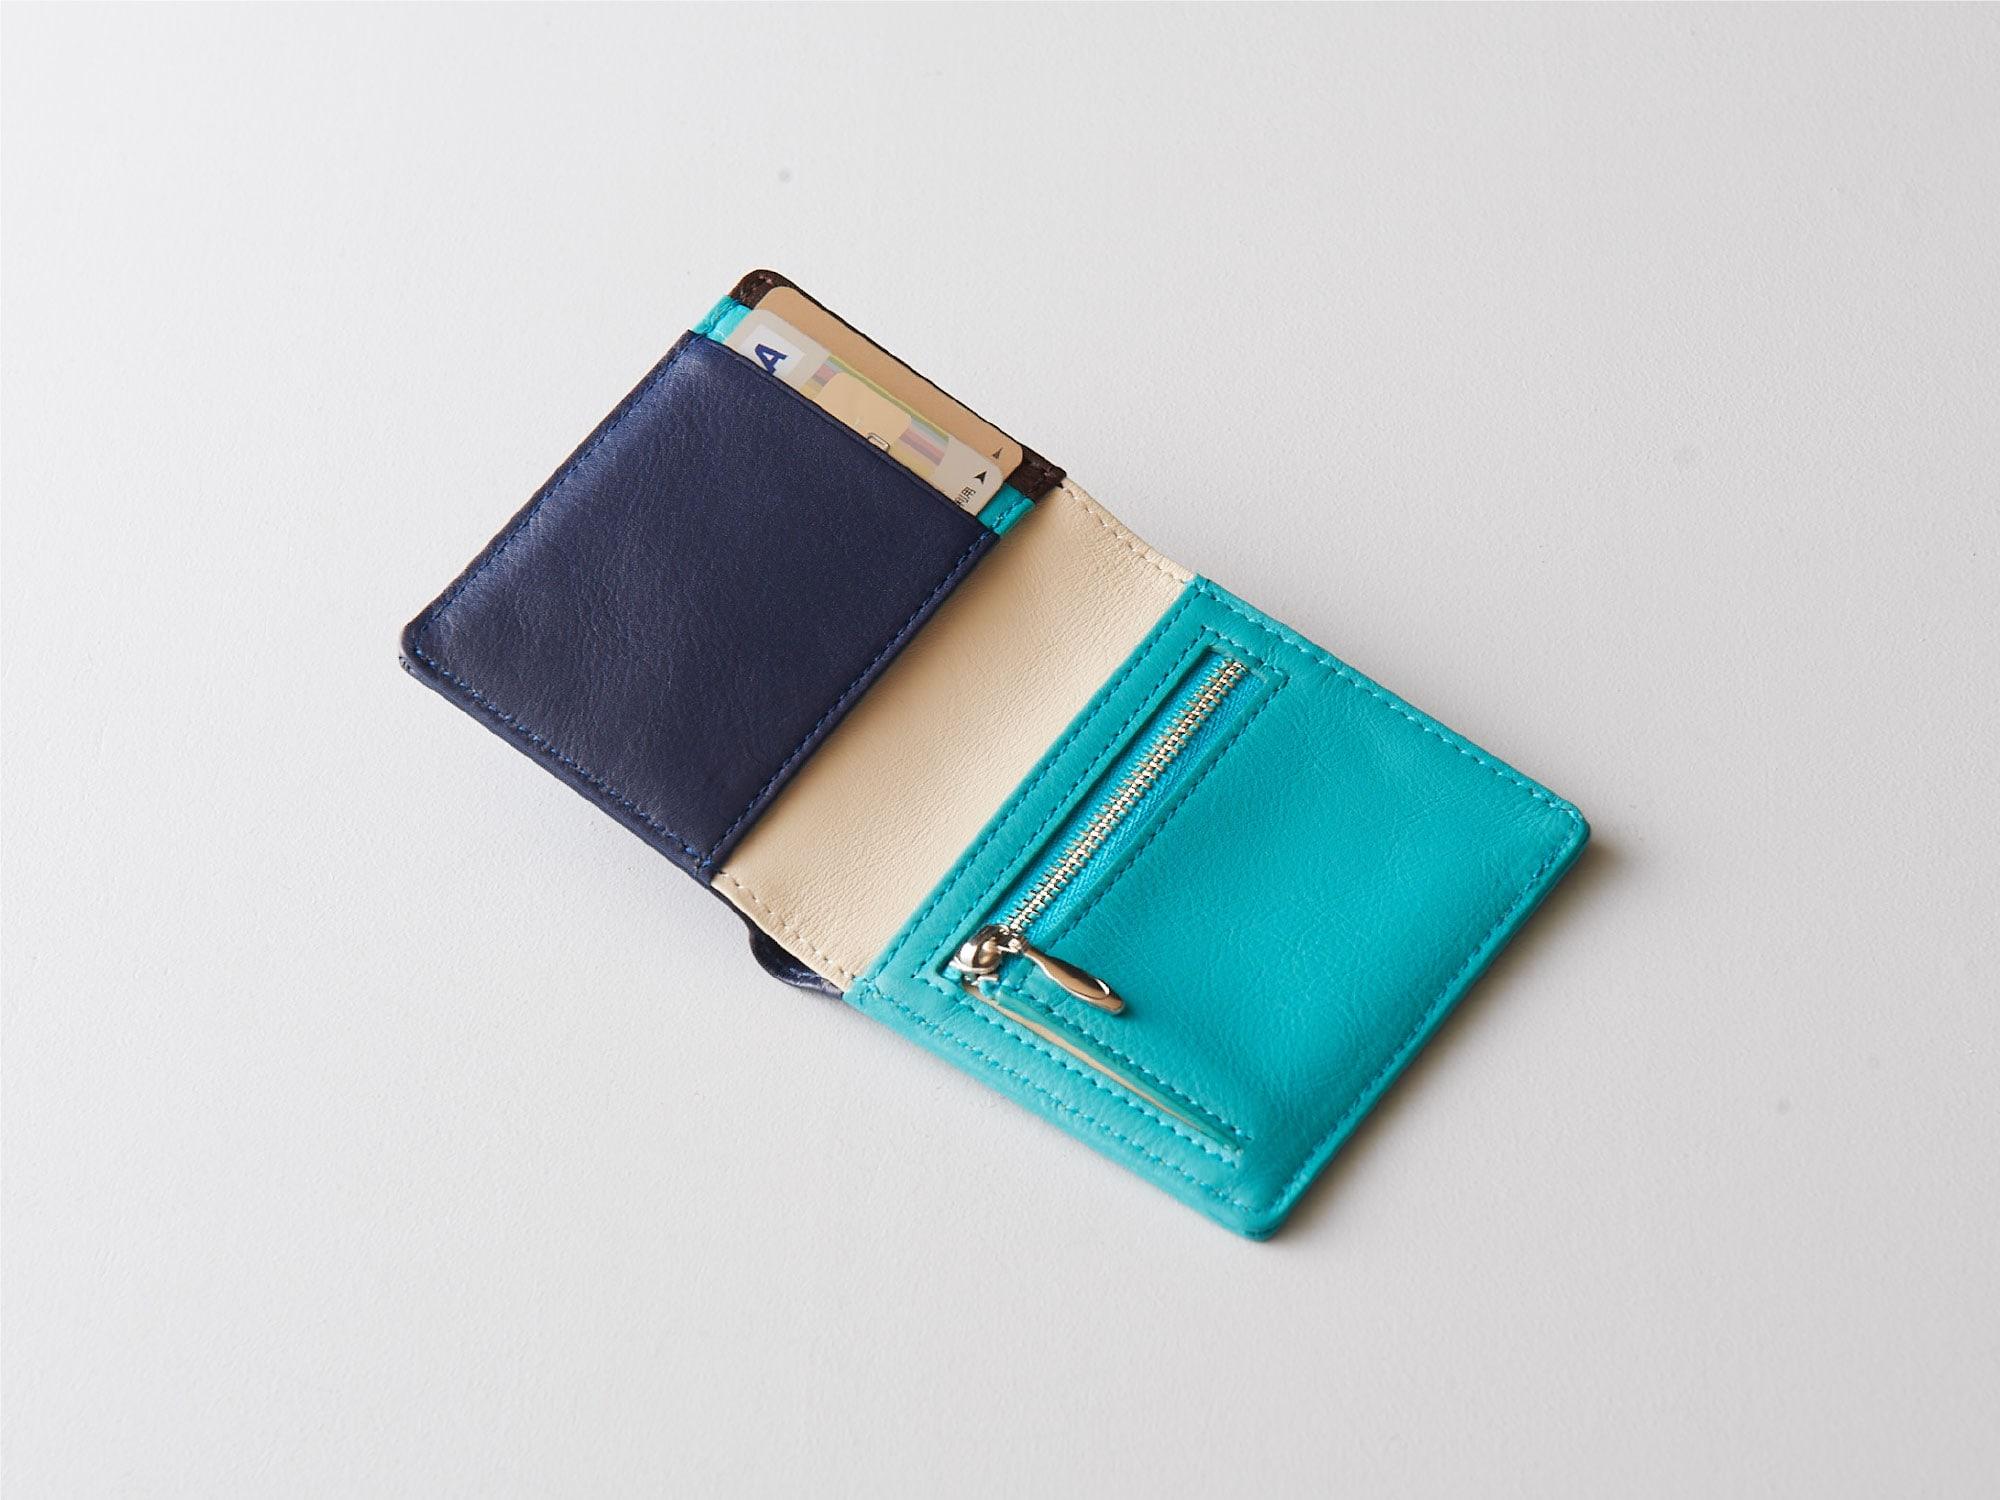 新商品「二つ折りミニ財布」究極の薄さを実現したミニウォレット発売 image05